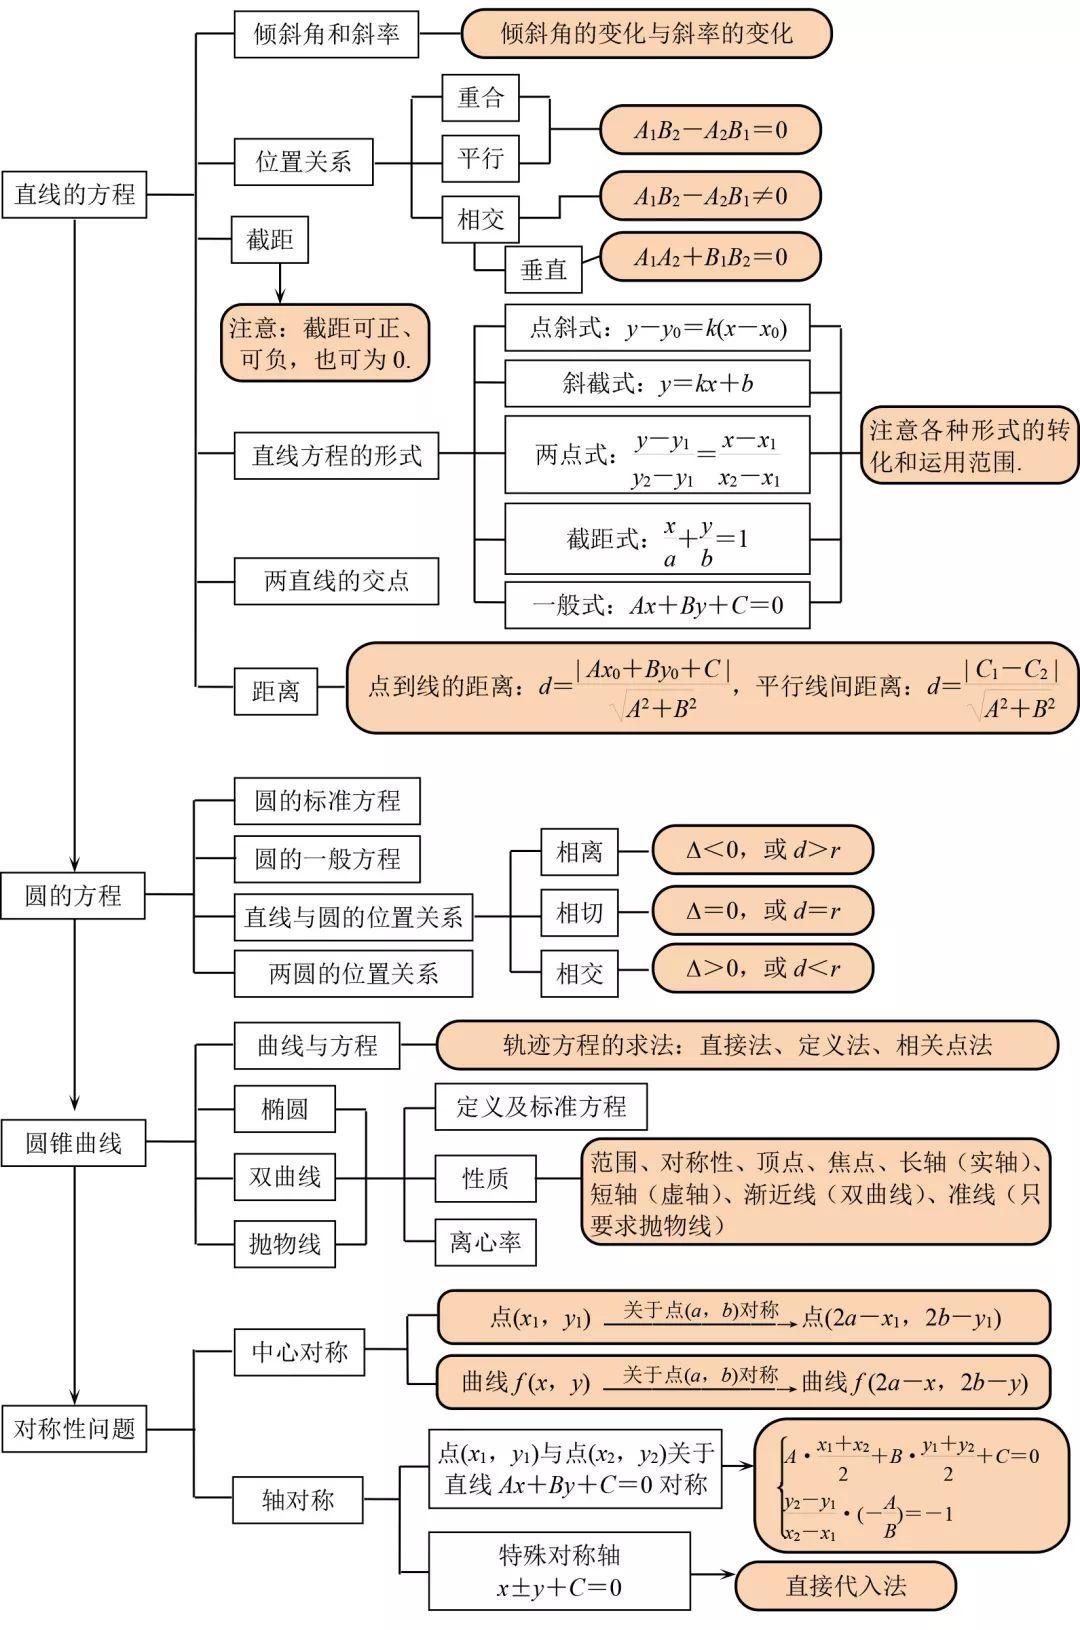 数学周期超全知识点结构图扫清,汇总三年知识点,建议四数学v数学高中高中图片